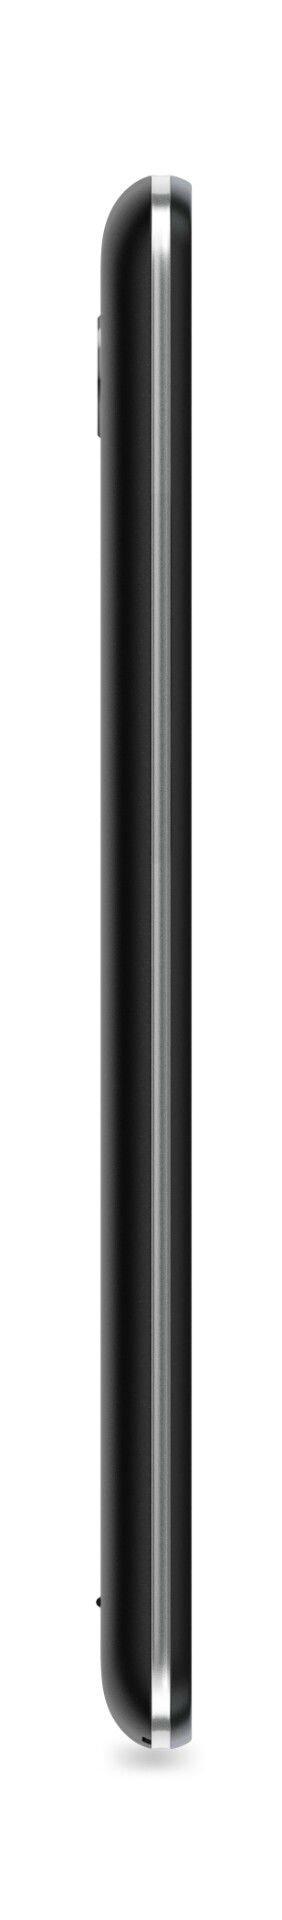 Acer-Liquid-Zest-abs-Zest-4G_5-w600